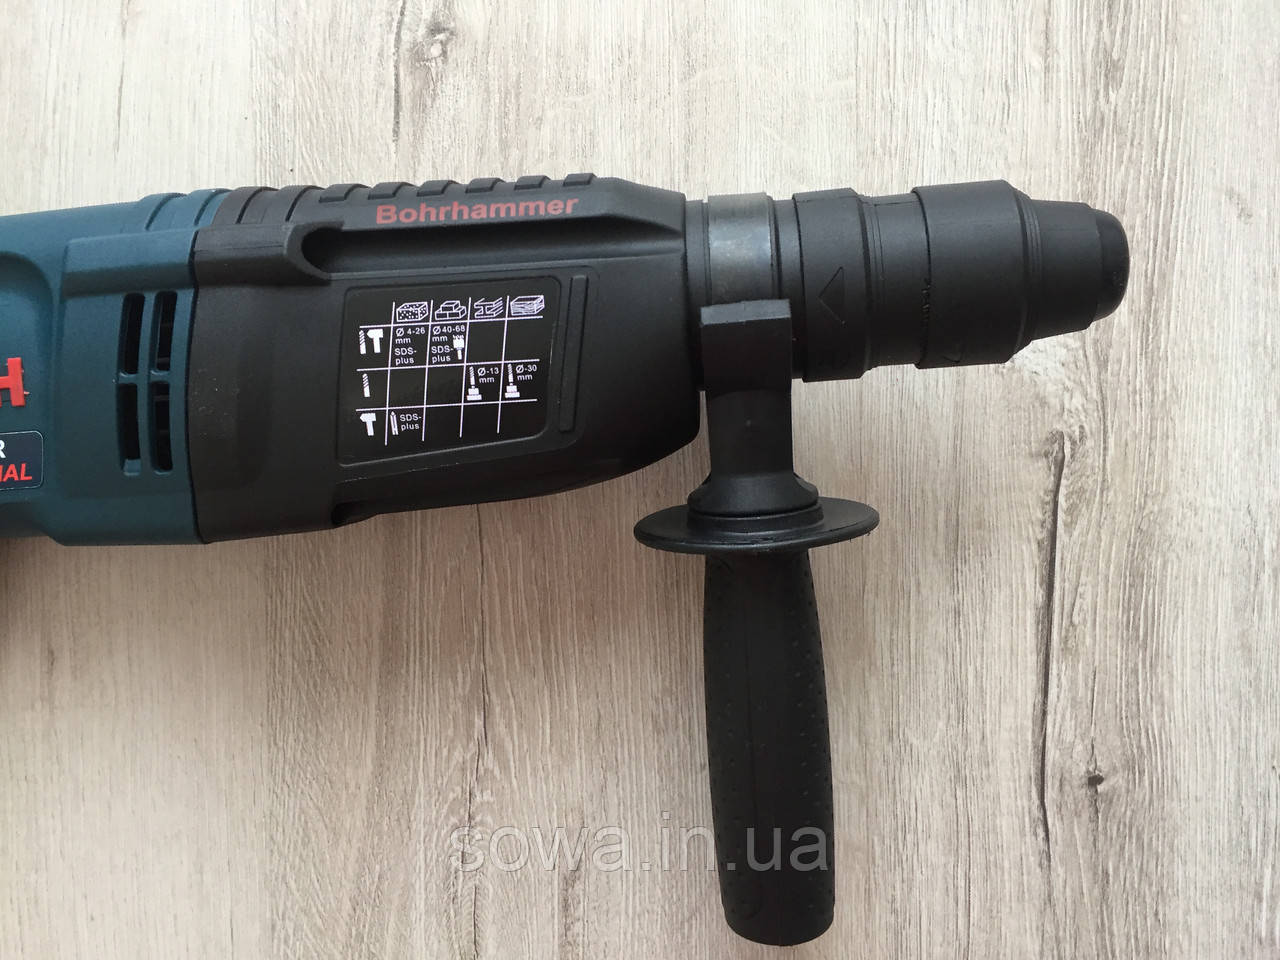 Перфоратор Bosch_ Бош GBH 2-26 DRE ( 800 Вт, 2.8 Дж, SDS-Plus ) + ПОДАРОК - фото 3